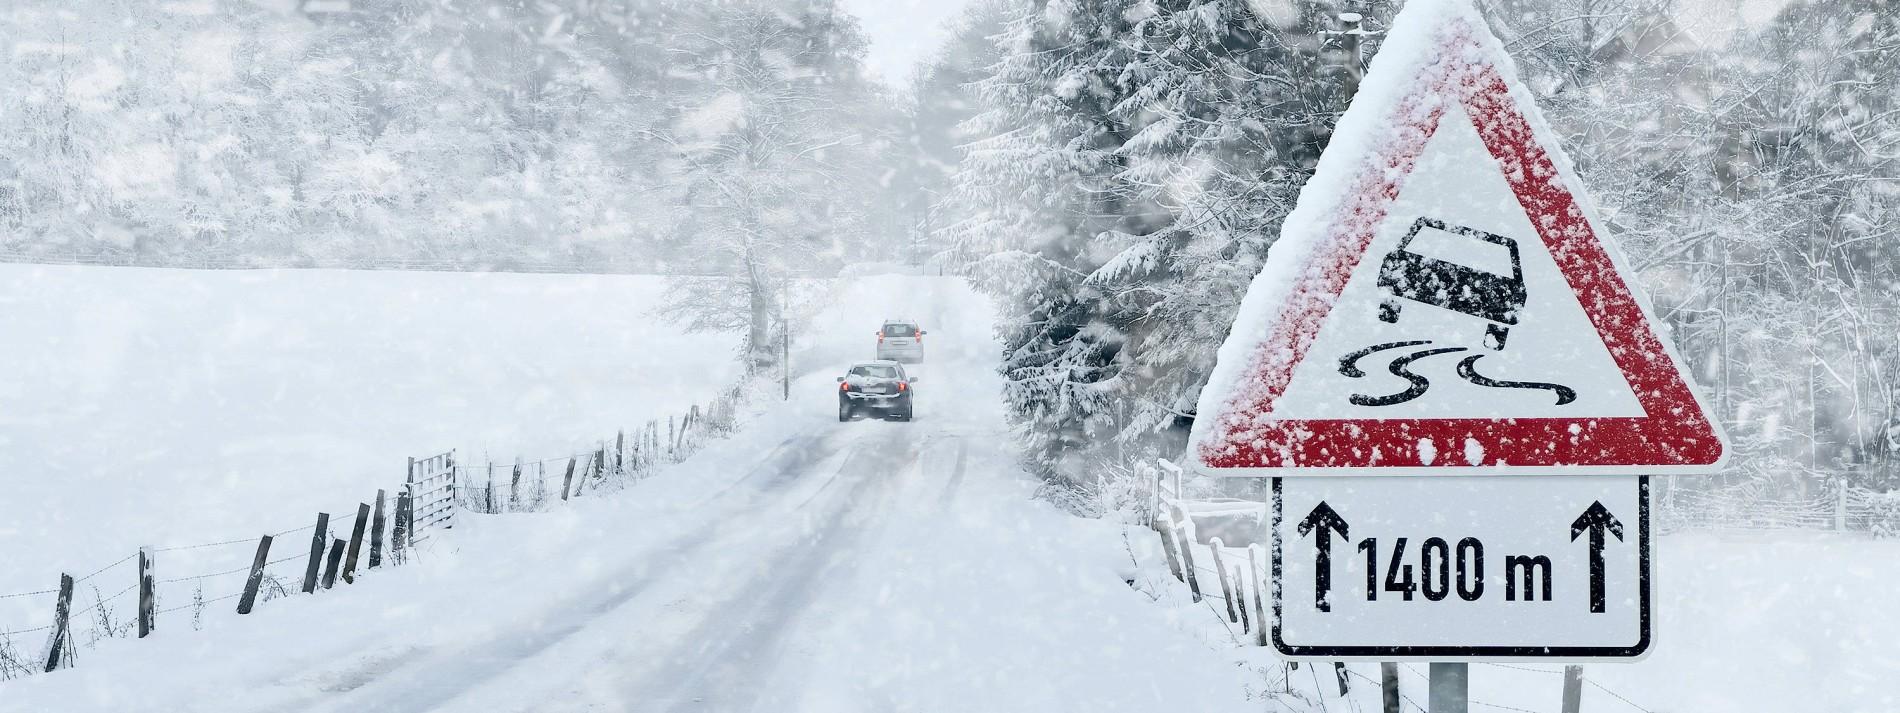 Starker Schneesturm im Norden erwartet